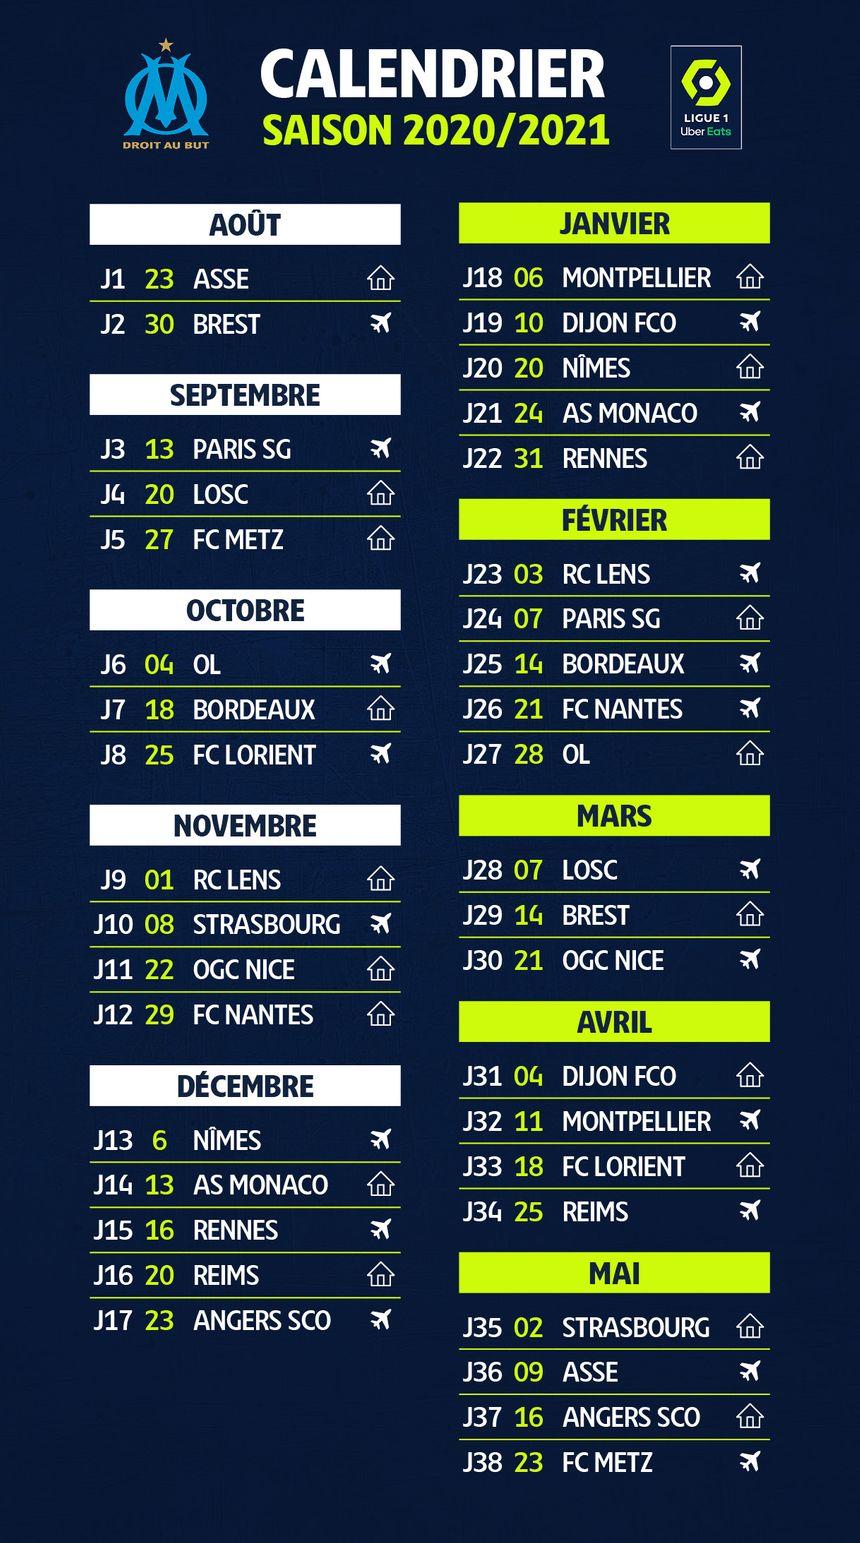 Calendrier Marseille 2021 Ligue 1 : le calendrier de l'Olympique de Marseille pour la saison